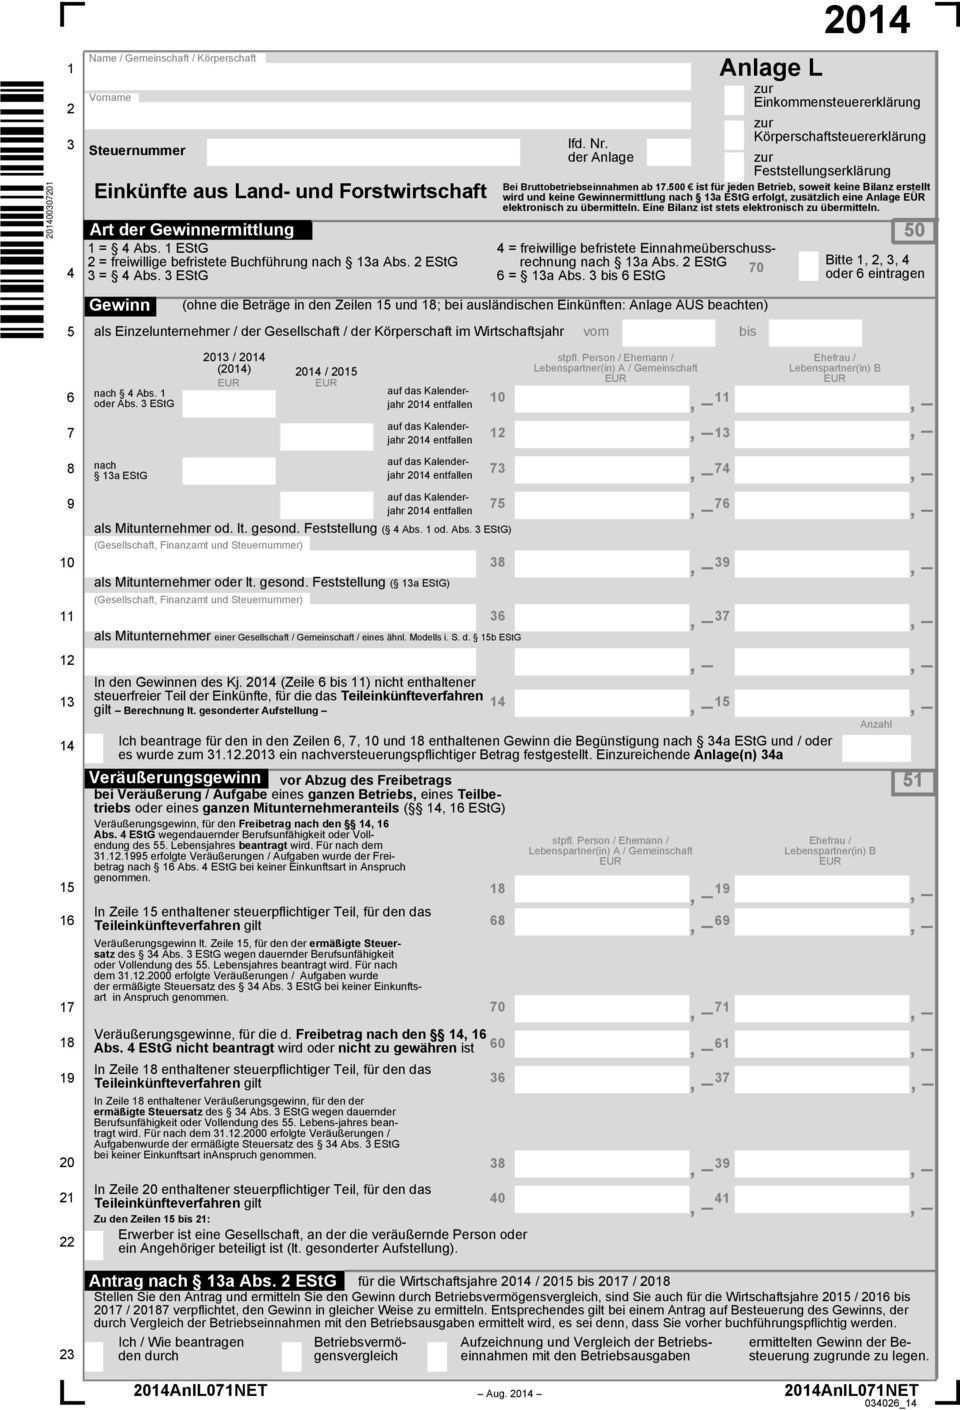 4 Freiwillige Befristete Einnahmeuberschussrechnung 2 Freiwillige Befristete Buchfuhrung Nach 13a Abs 2 Estg Pdf Kostenfreier Download